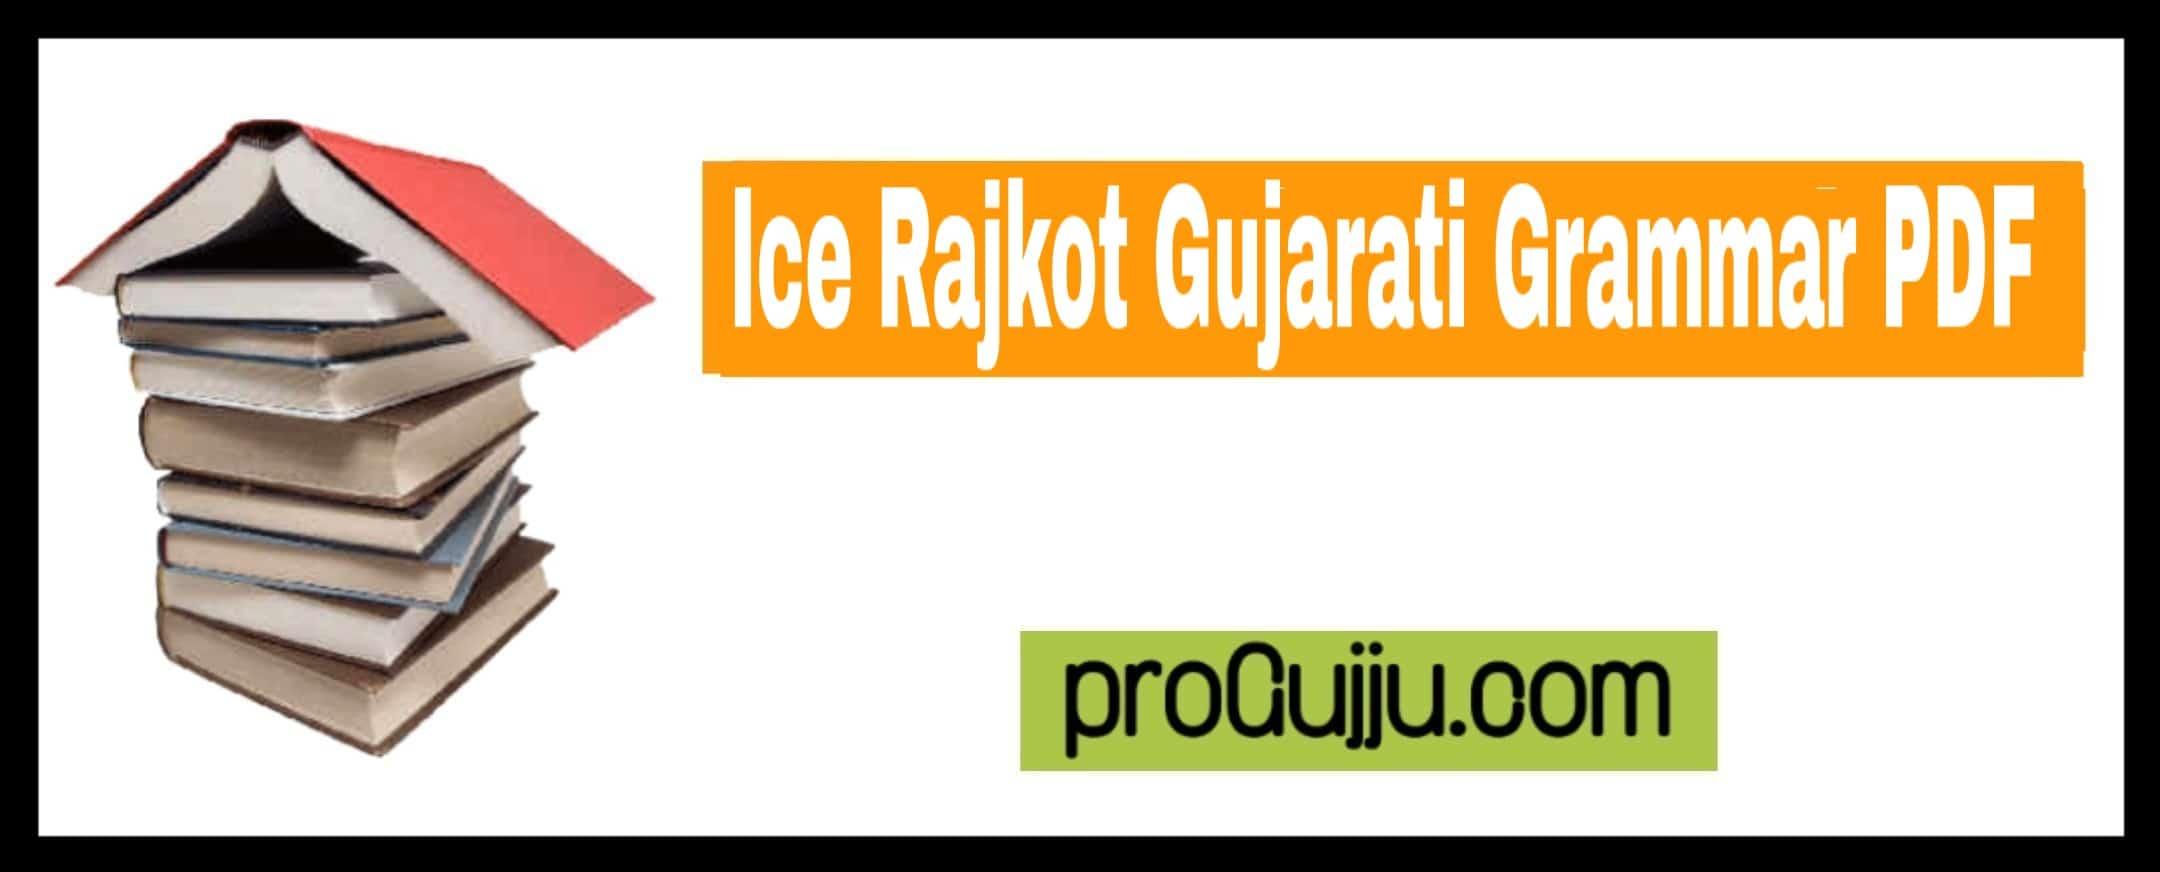 Ice Rajkot Gujarati Grammar PDF